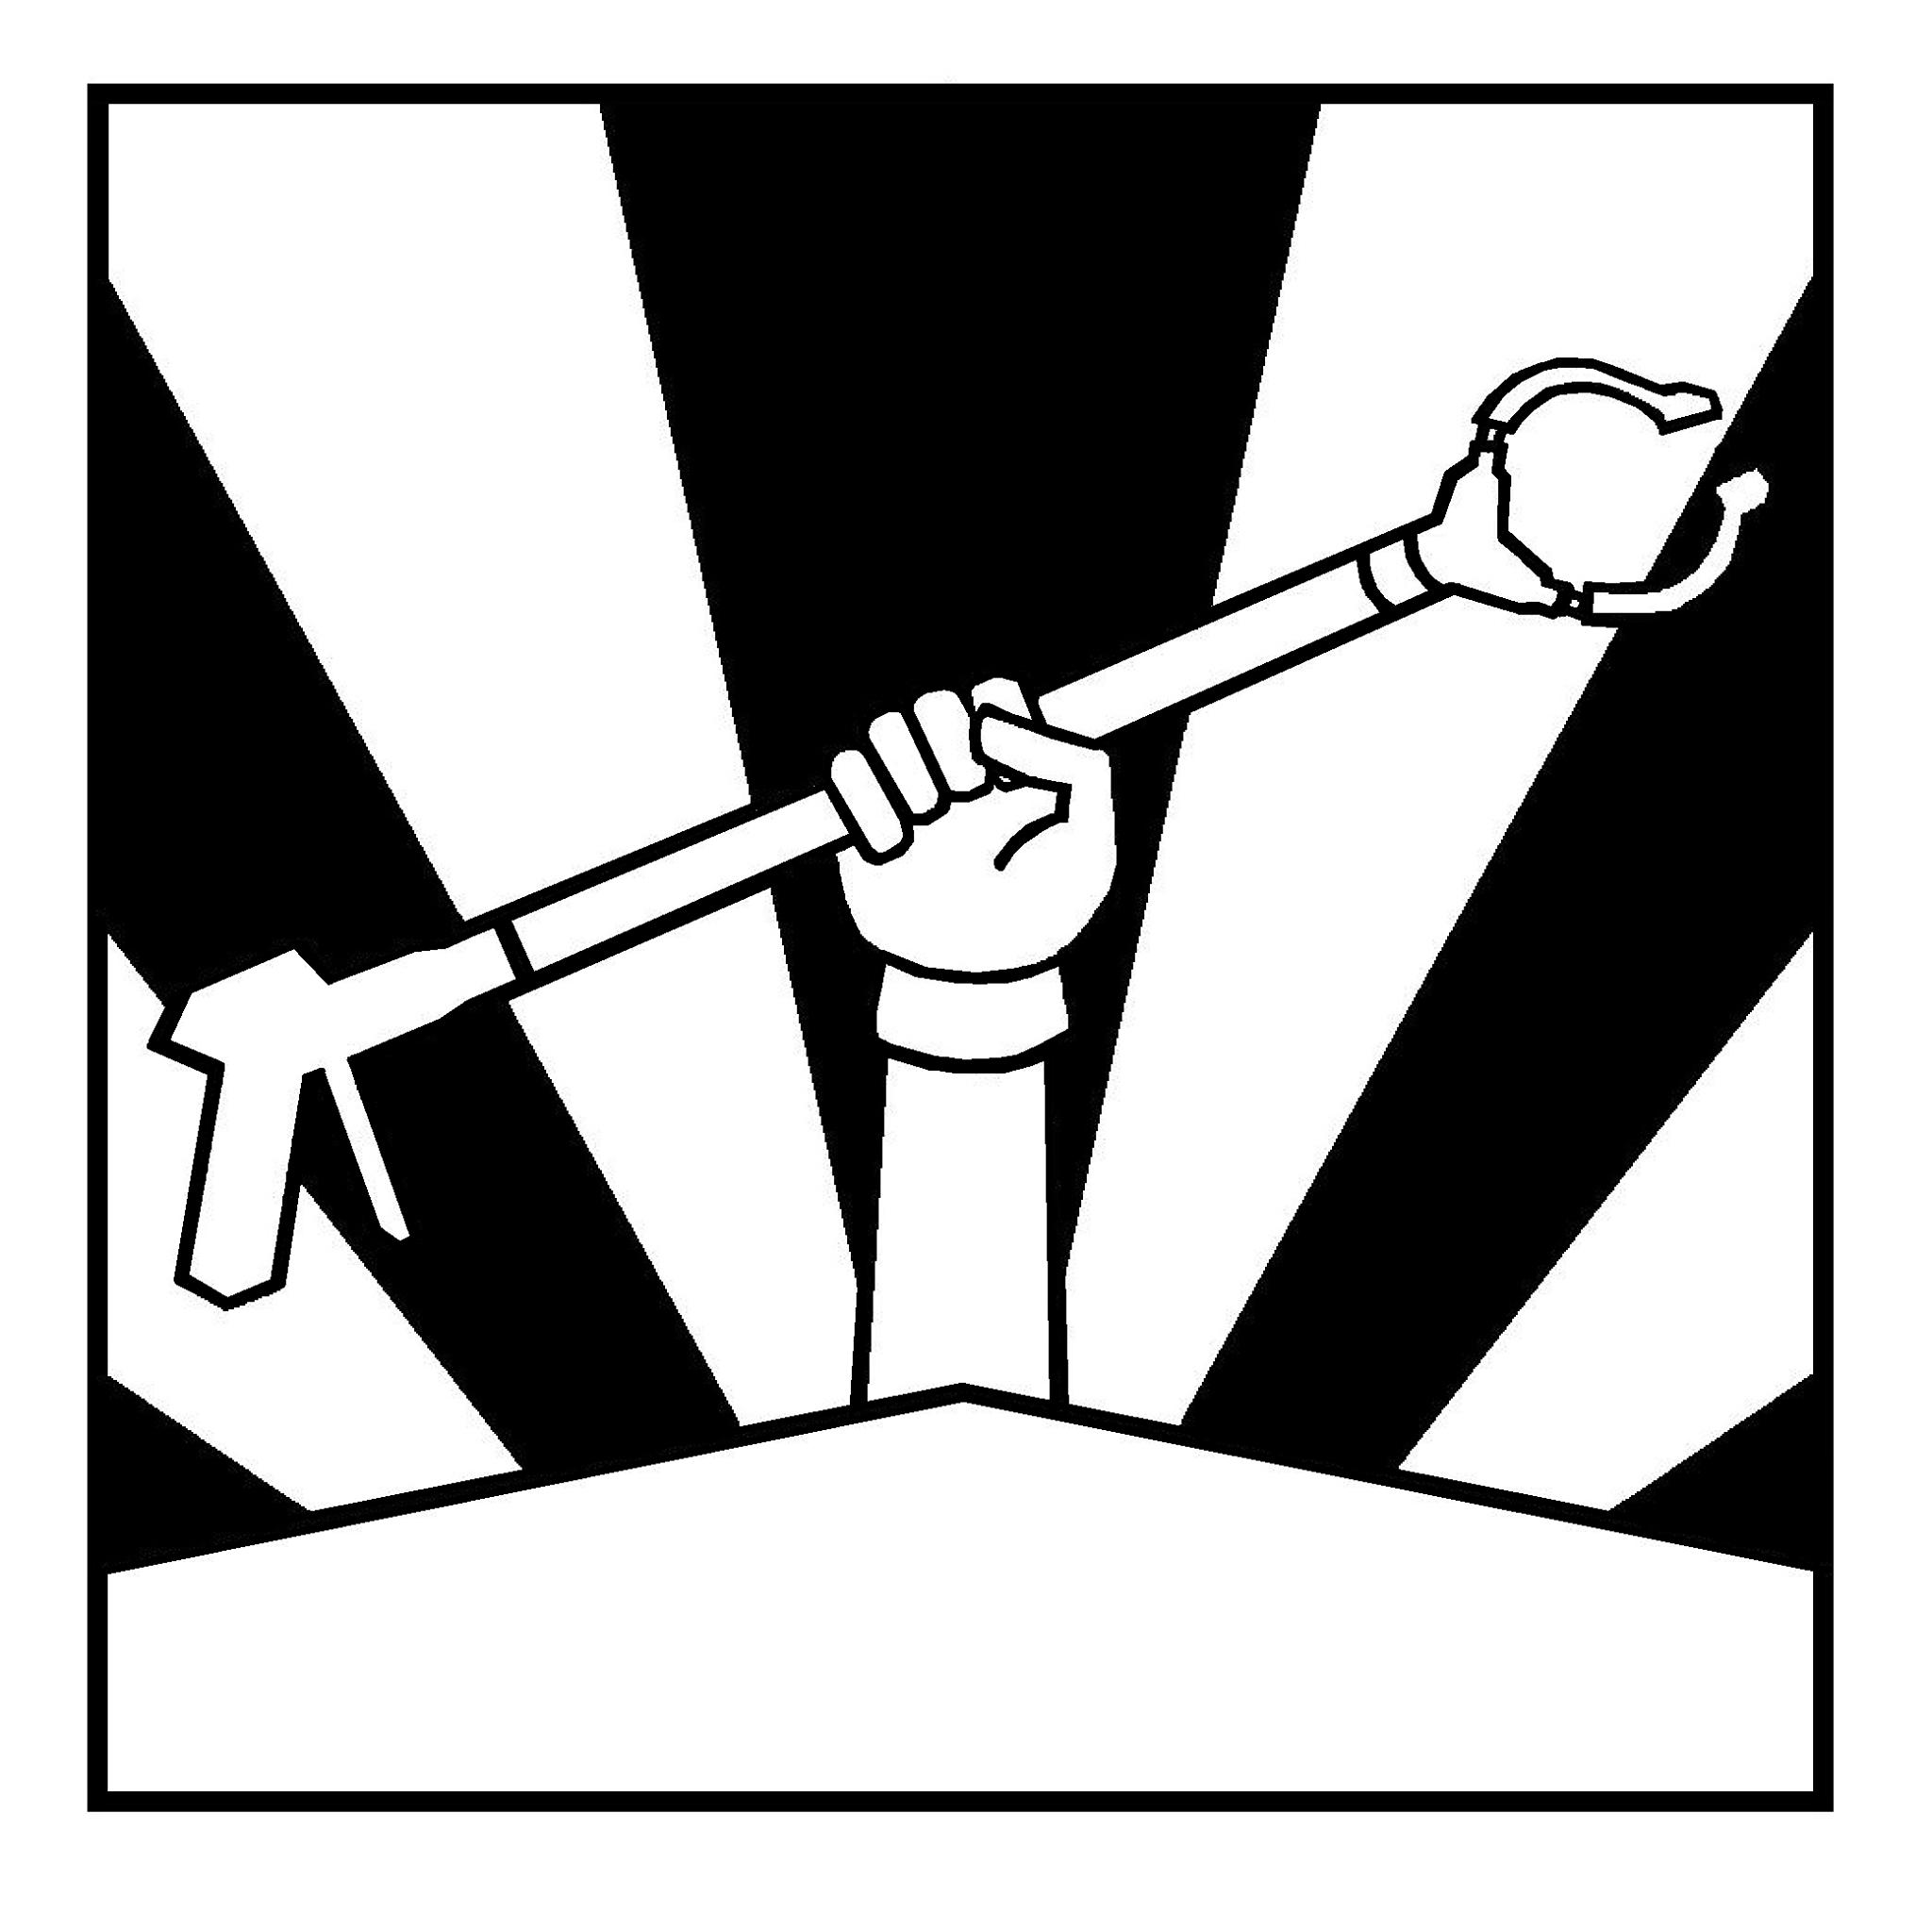 NOLA_Trash_Mob_logo.png